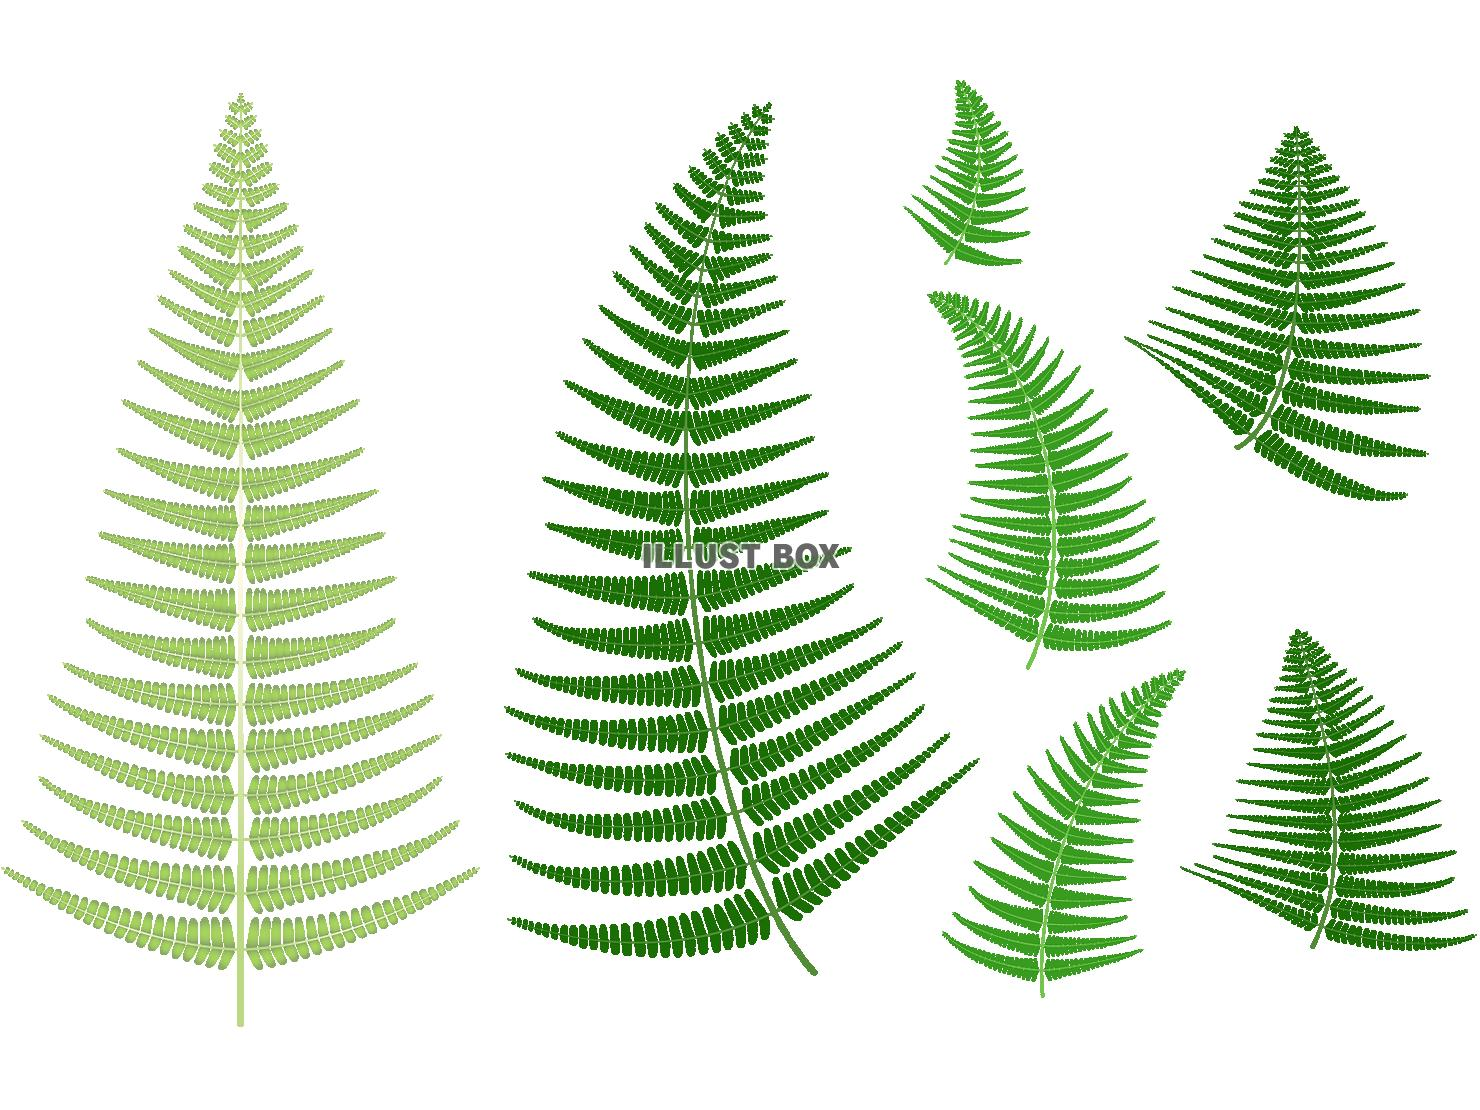 シダ植物の葉 無料イラスト シダ植物の葉